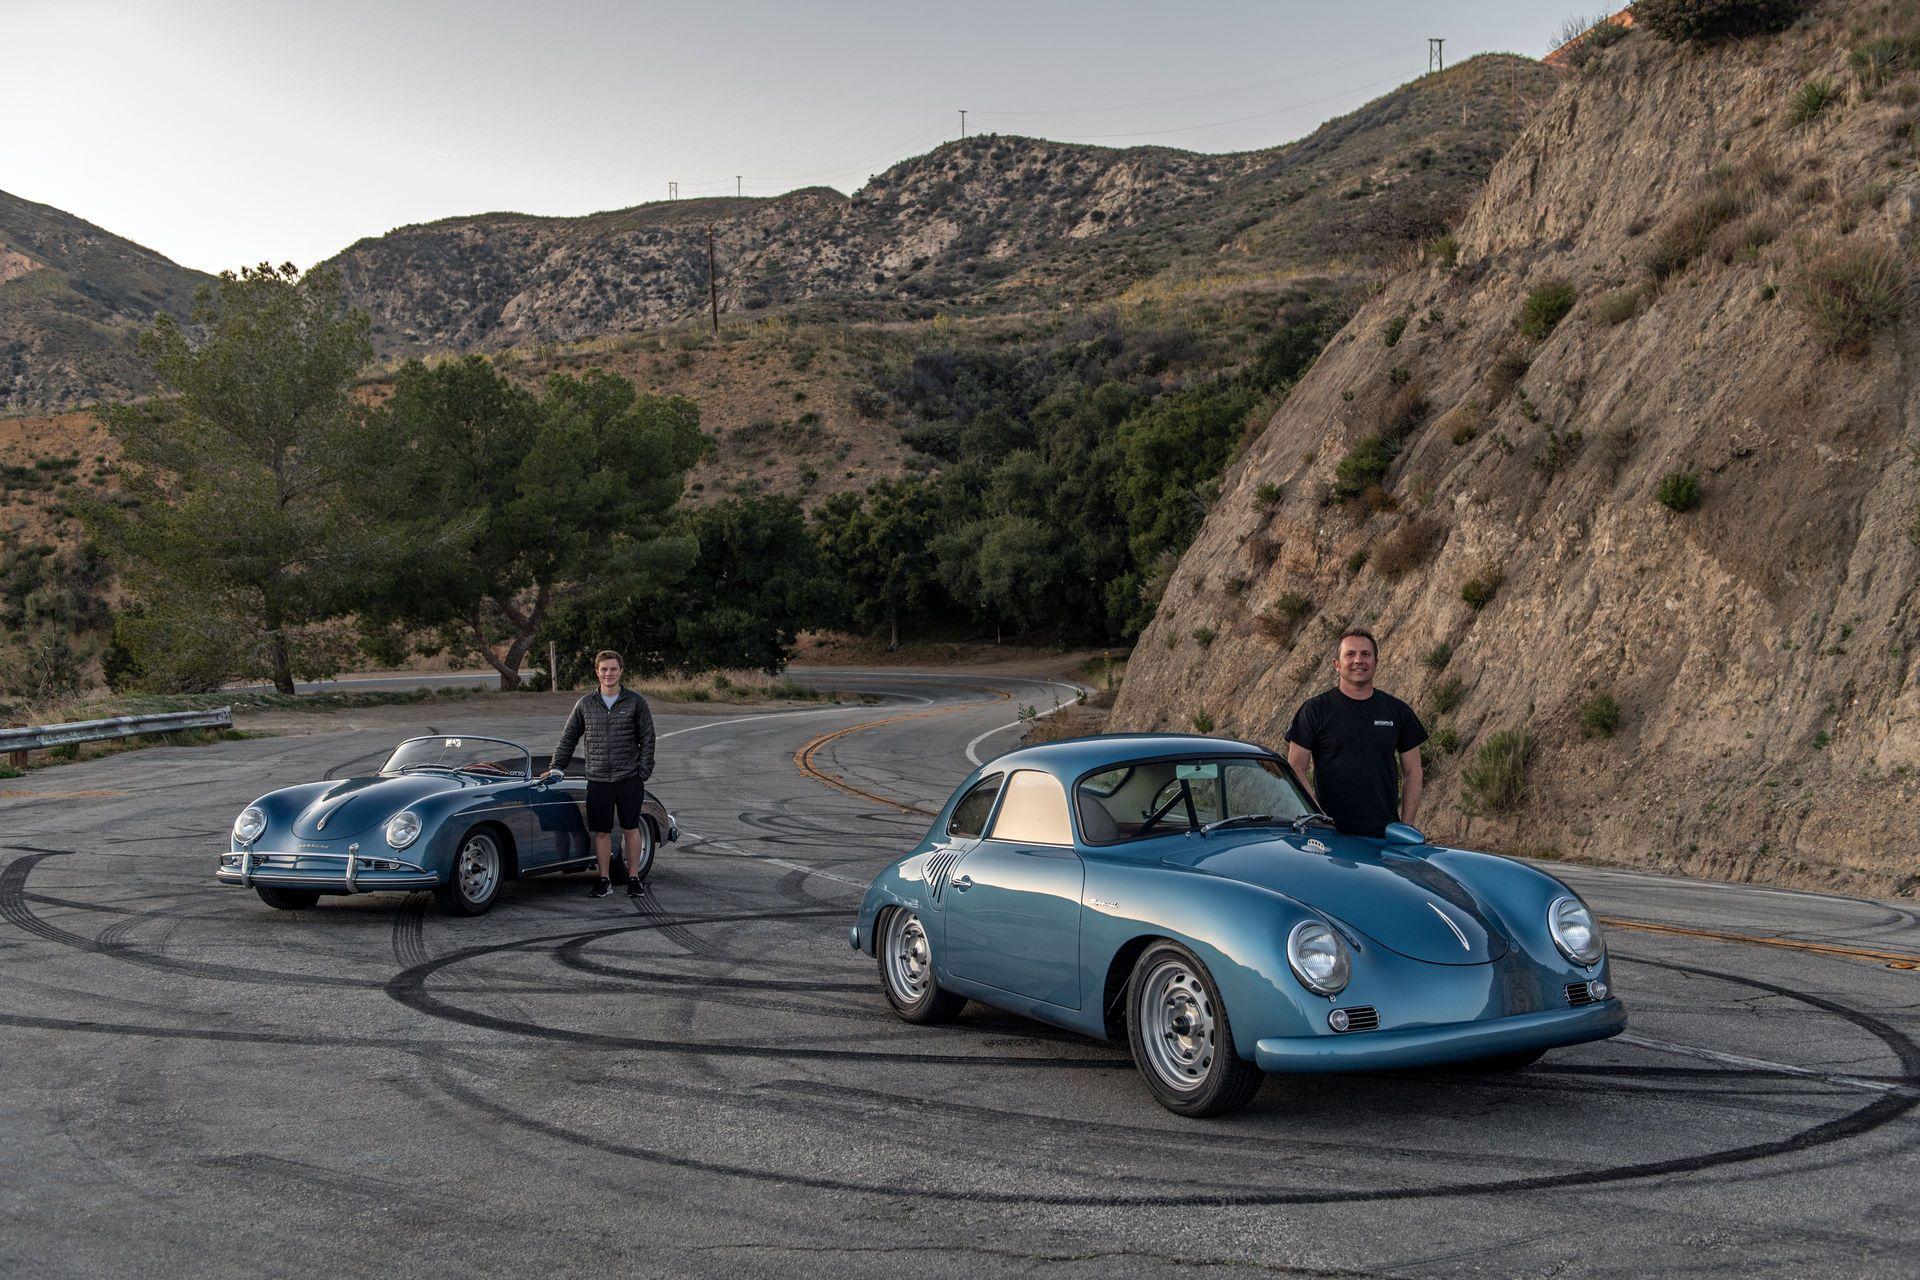 Porsche-356-A-Coupe-Restomod-Emory-Motorsports-31